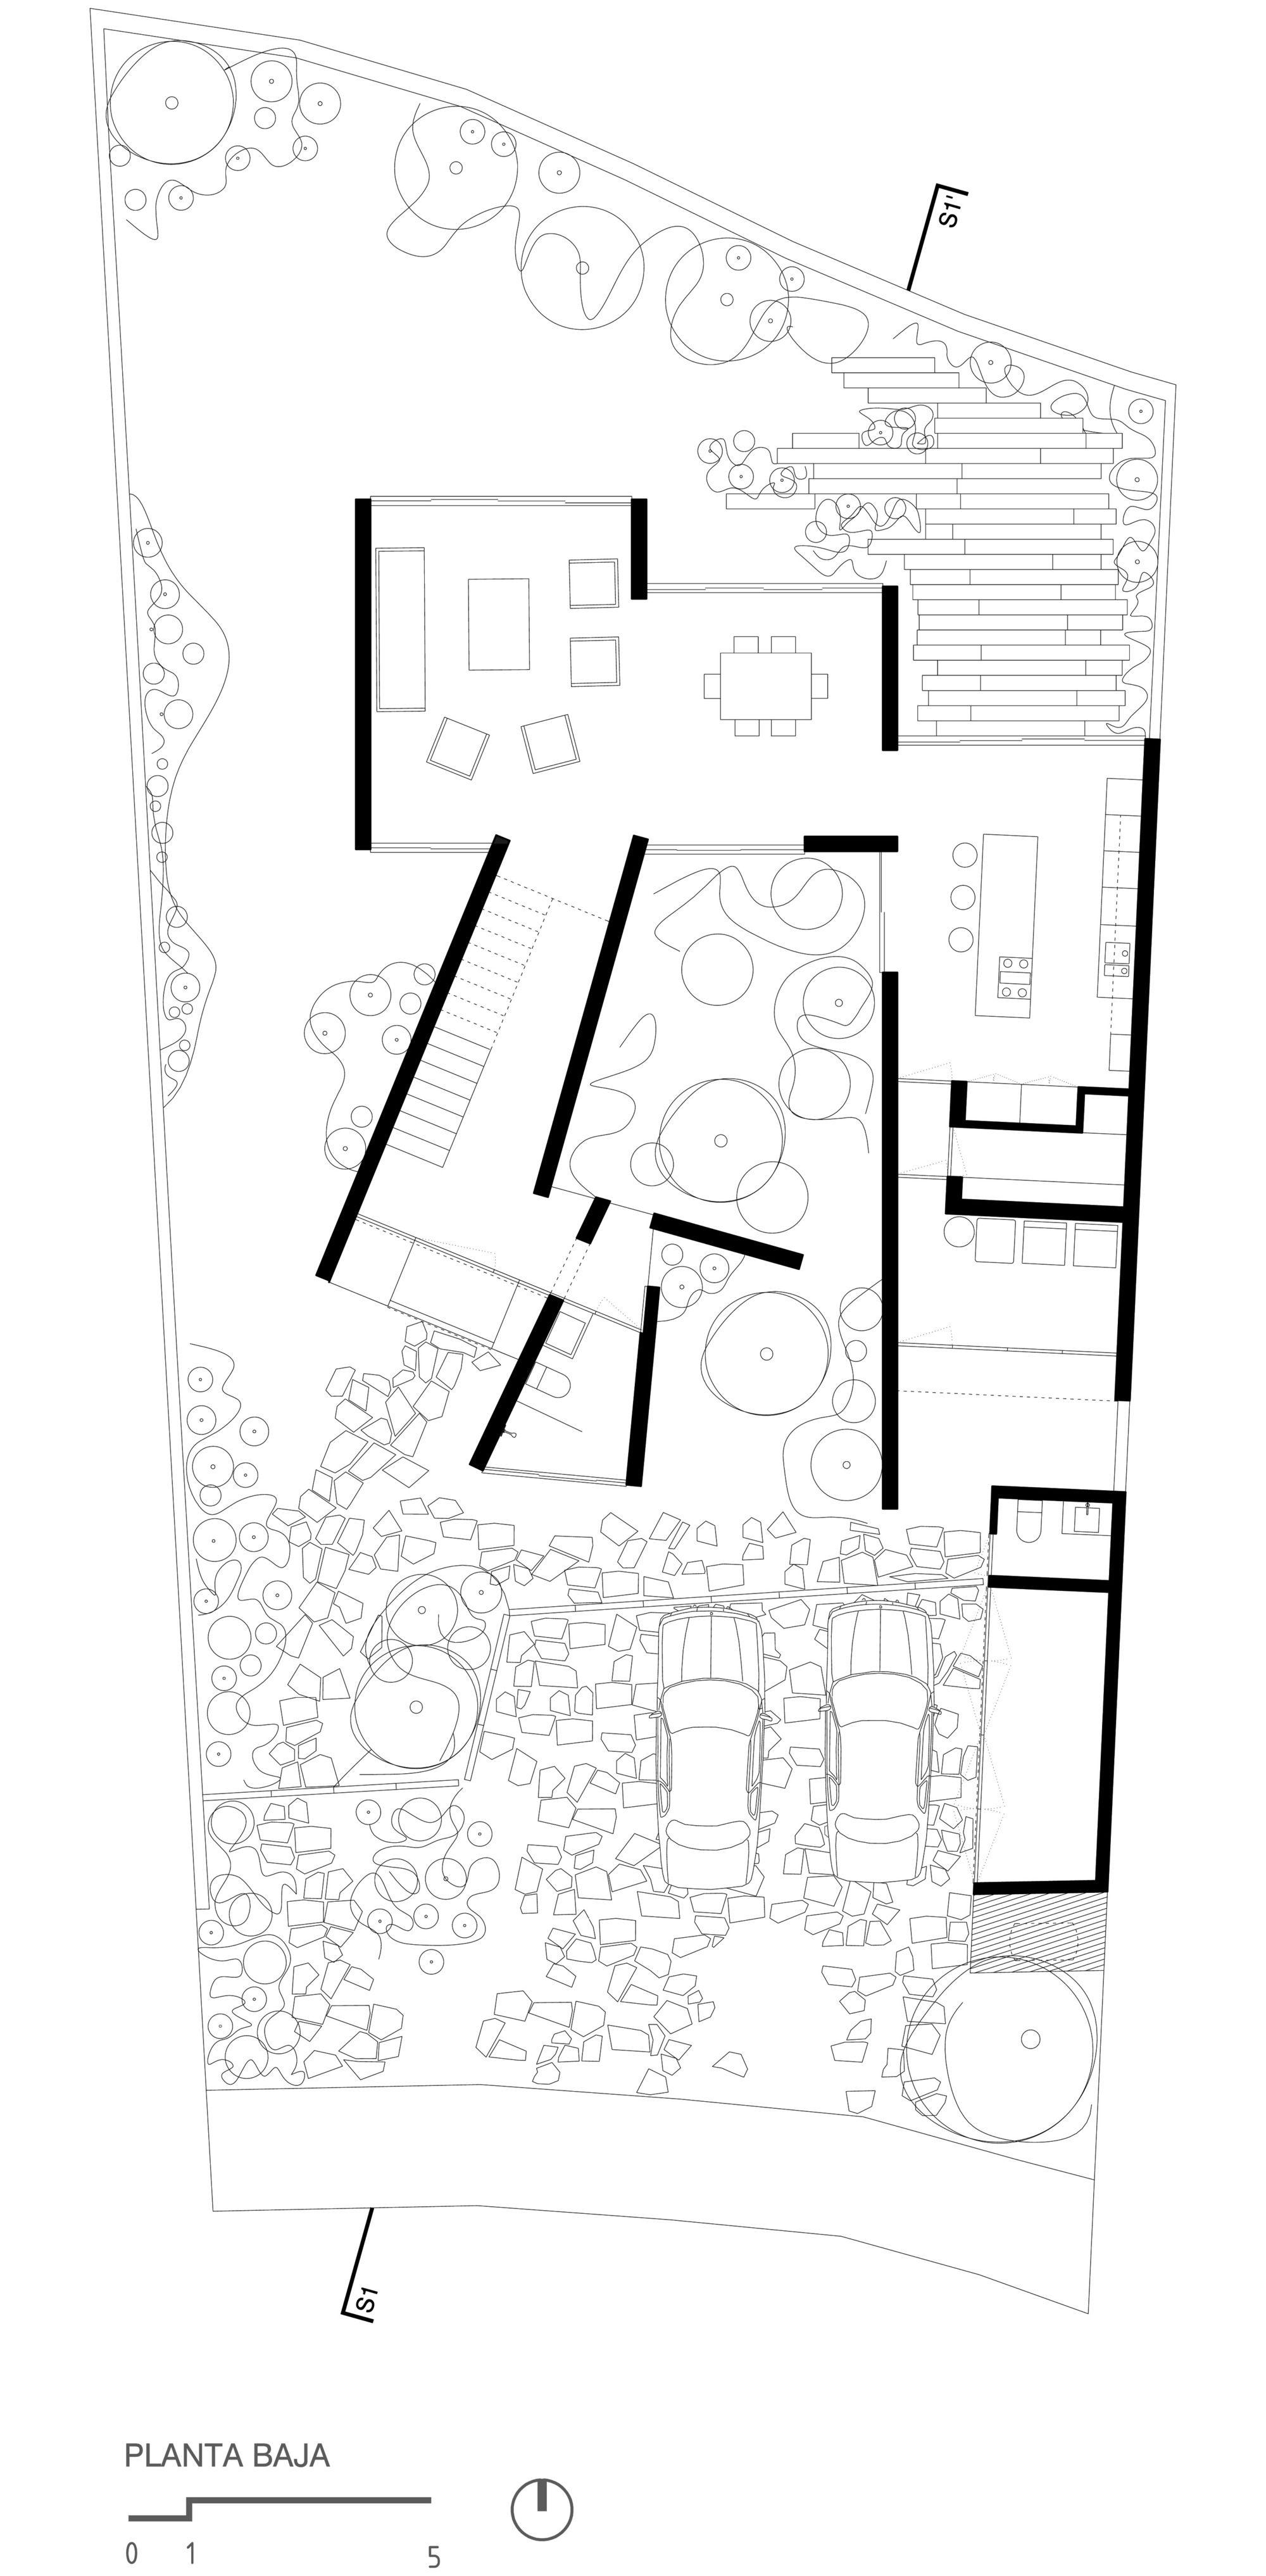 Galer a de casa prado coa arquitectura estudio mac as for Casa minimalista dwg